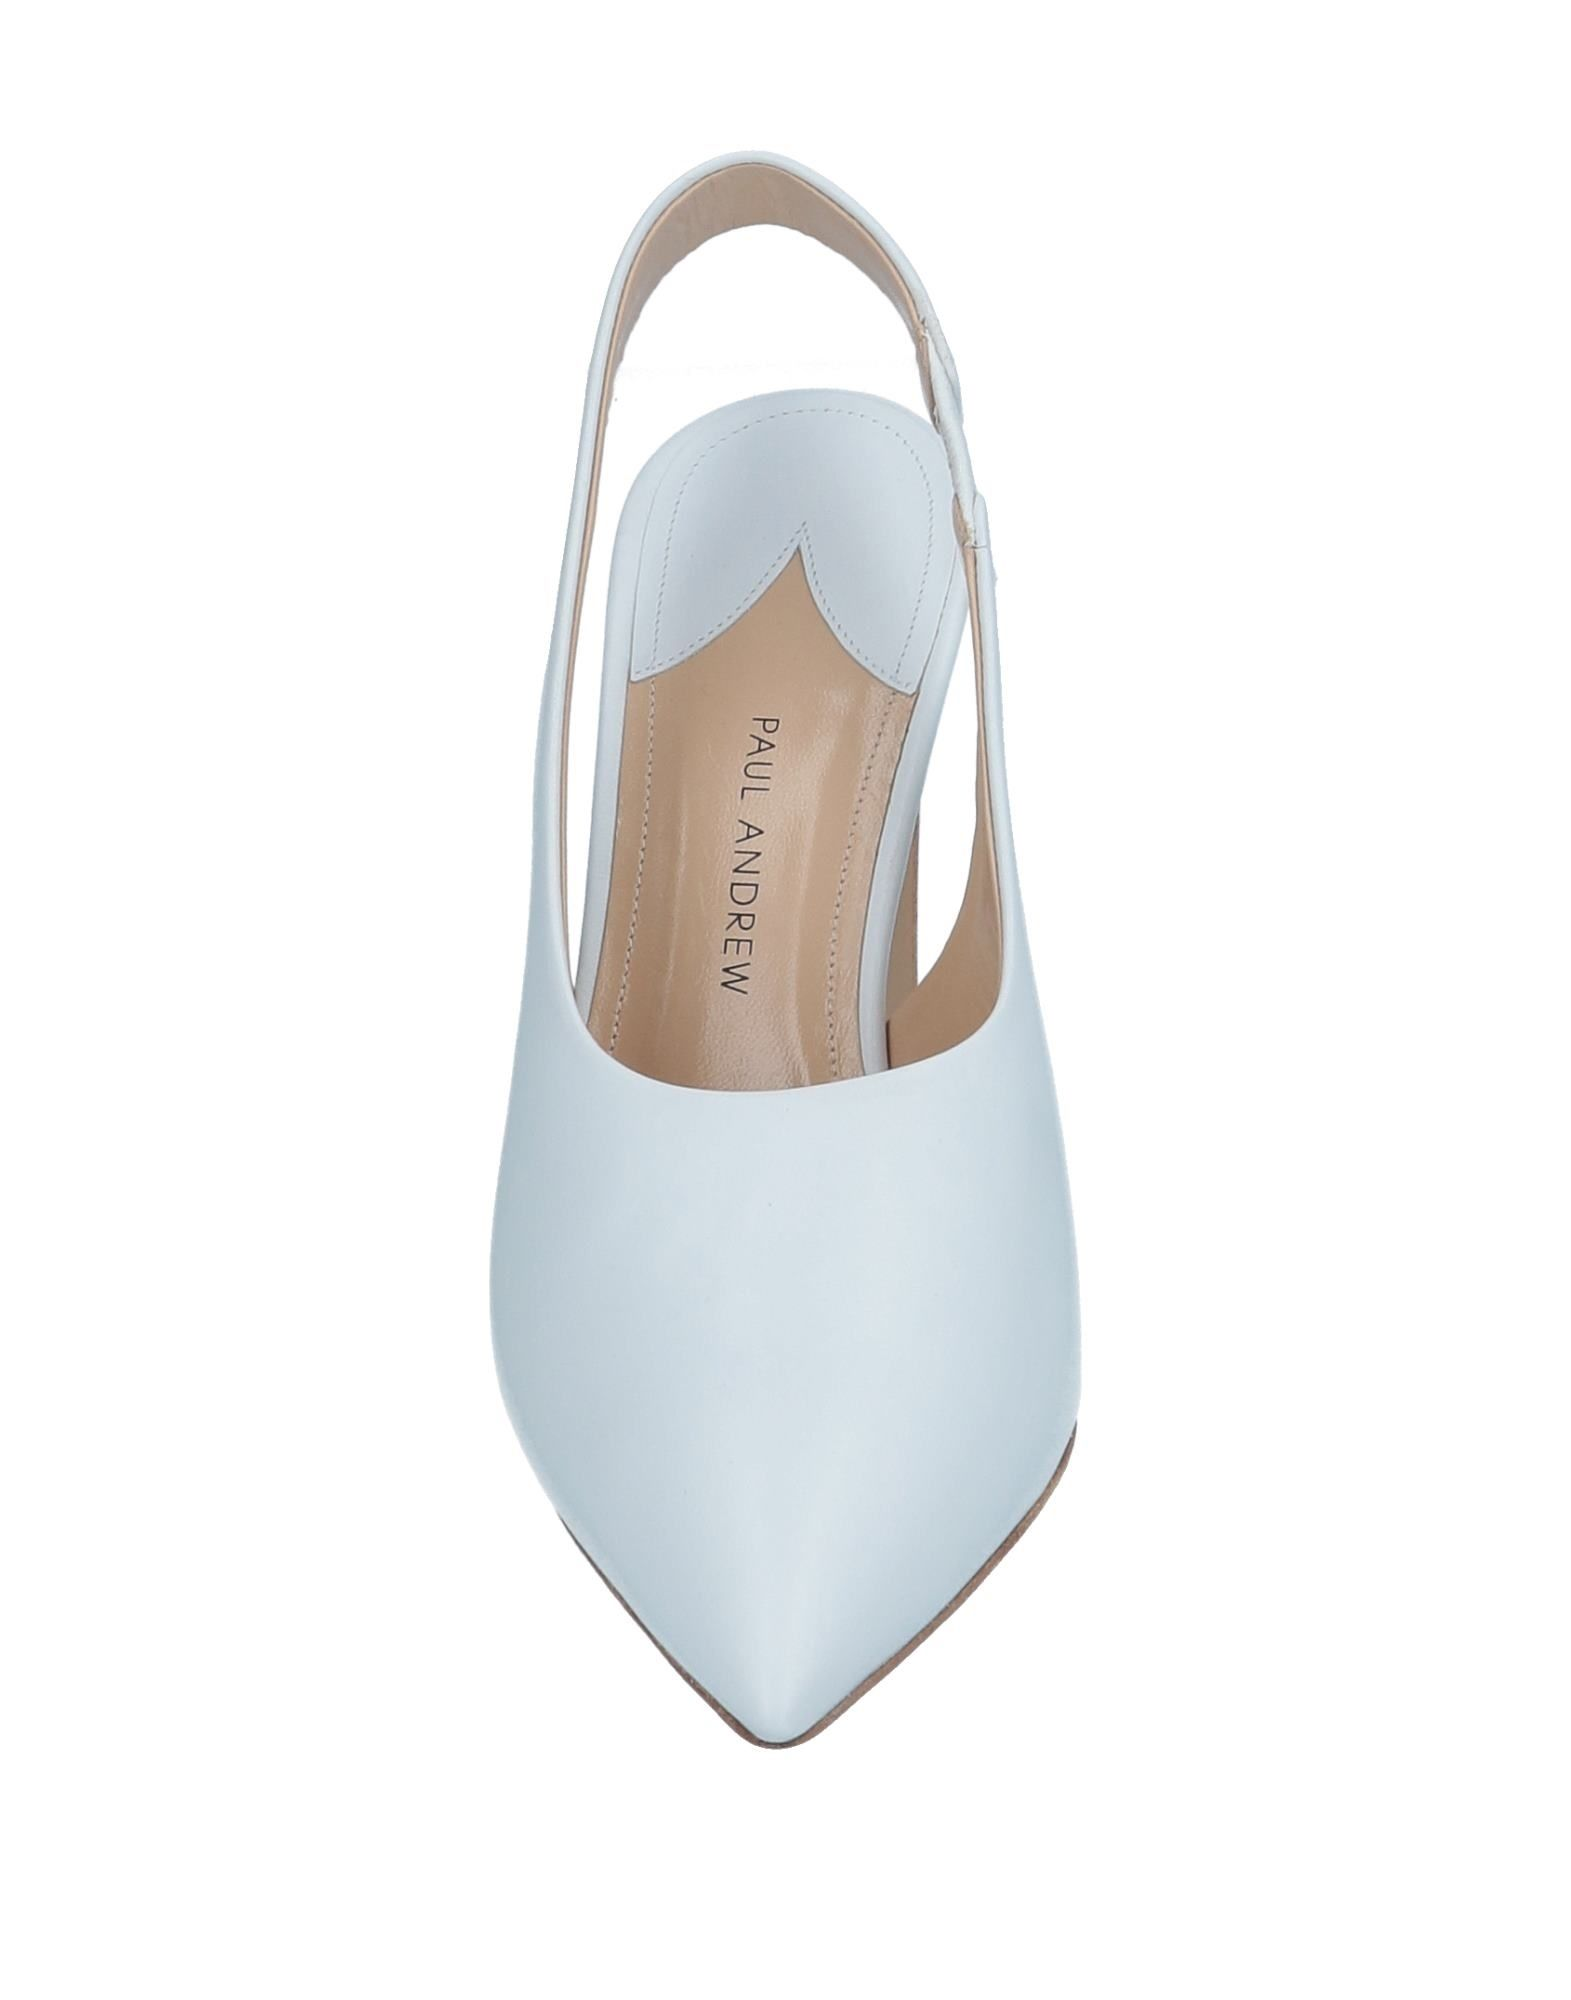 Rabatt Damen Schuhe Paul Andrew Pumps Damen Rabatt  11552872GJ 4ec1d8